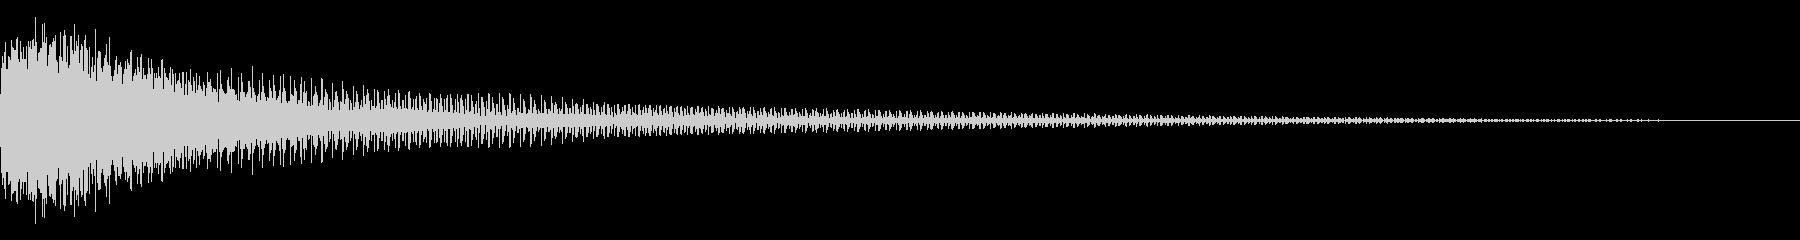 FM音源(ガーン、ギャーン)の未再生の波形